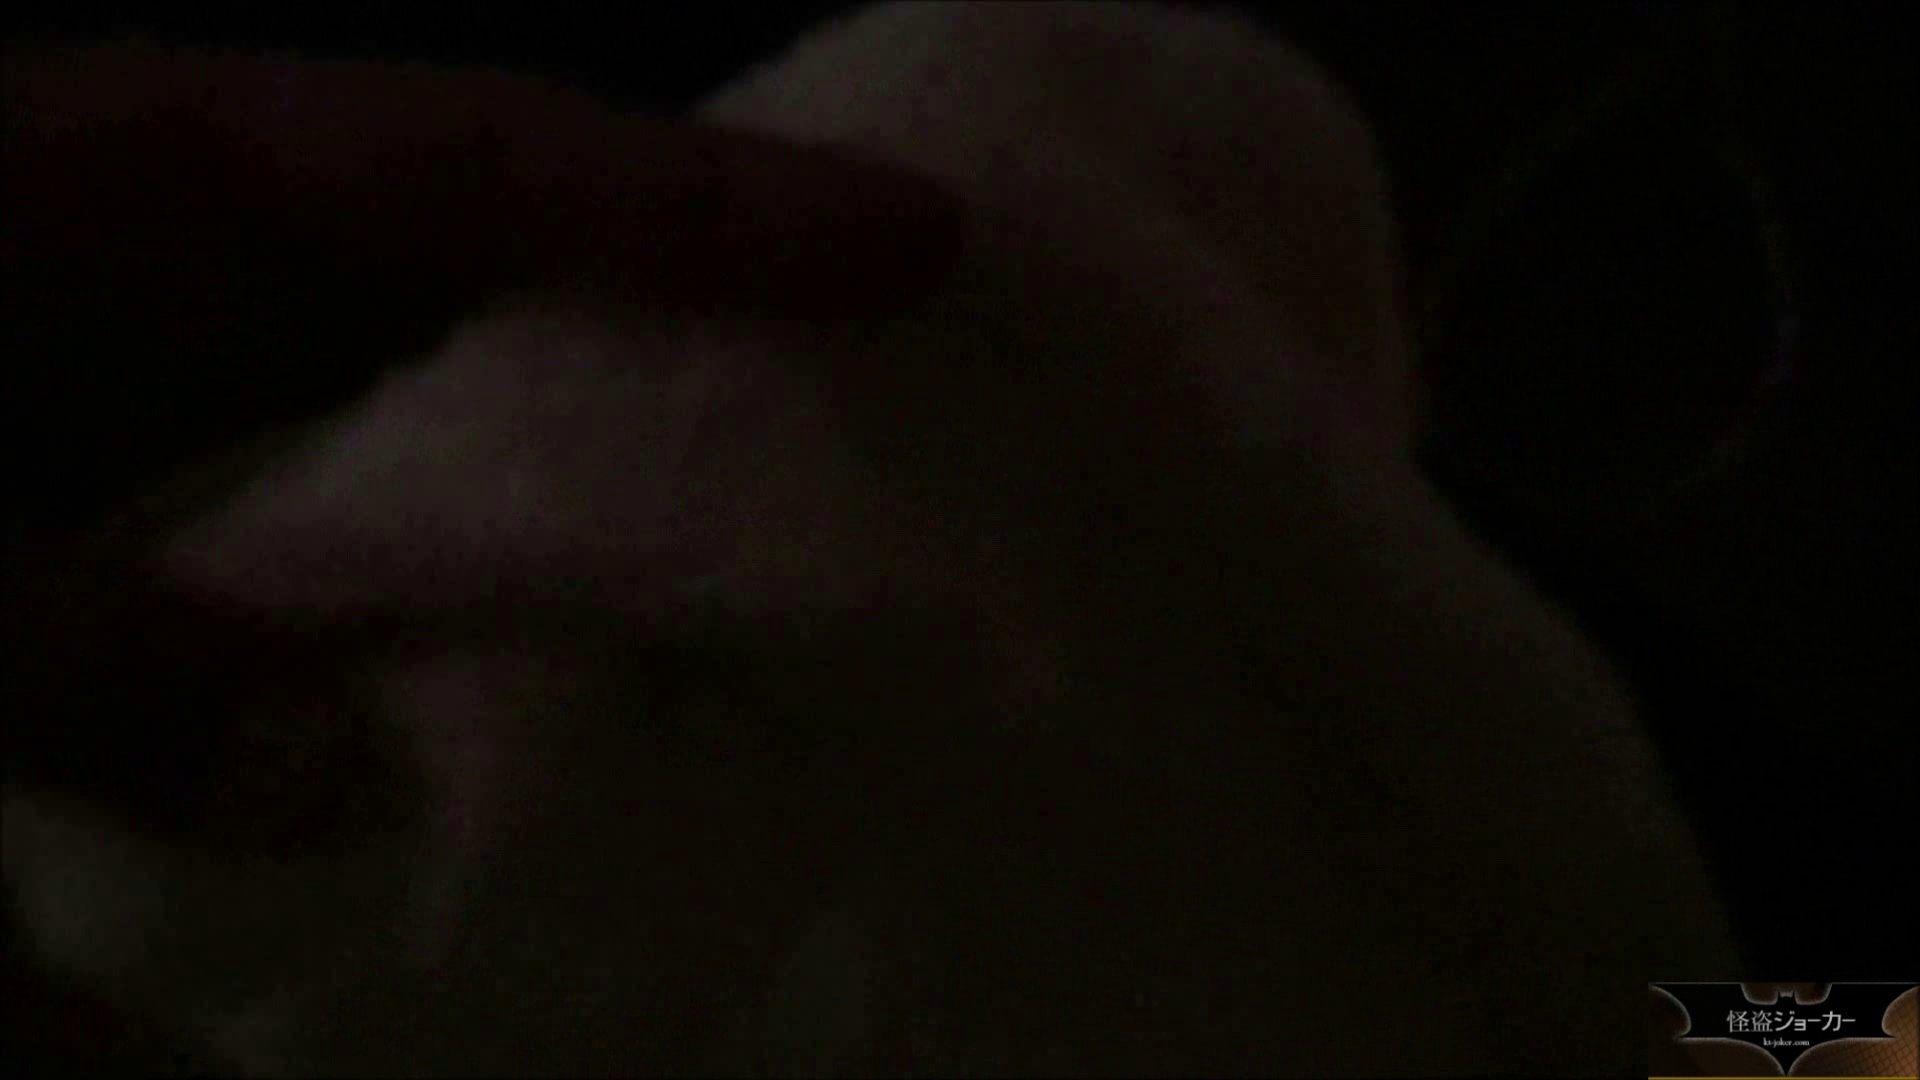 【未公開】vol.22 ●貴の部屋でおやすみなさい。 高画質 すけべAV動画紹介 63画像 27